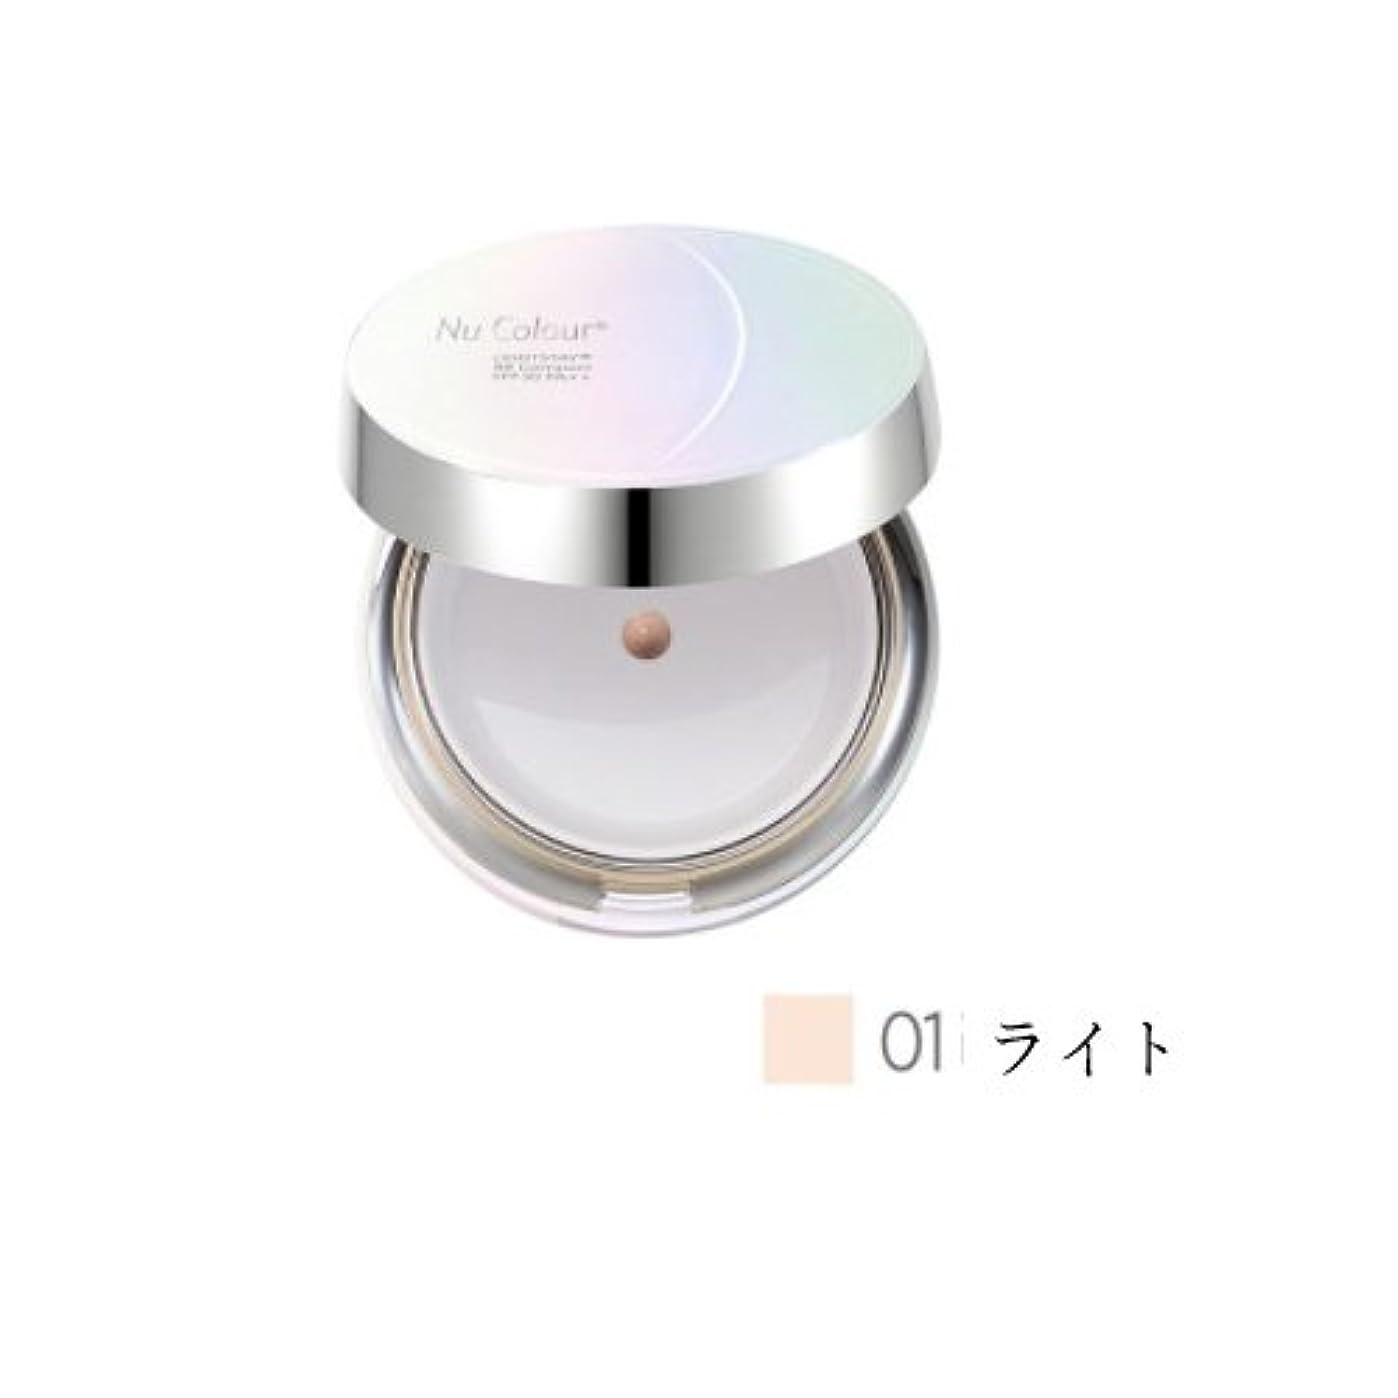 ただやる化合物グリーンバックニュースキン ライトステイビビコンパクトSPF30 PA++01ライト BB Compact 01 Light [並行輸入品]